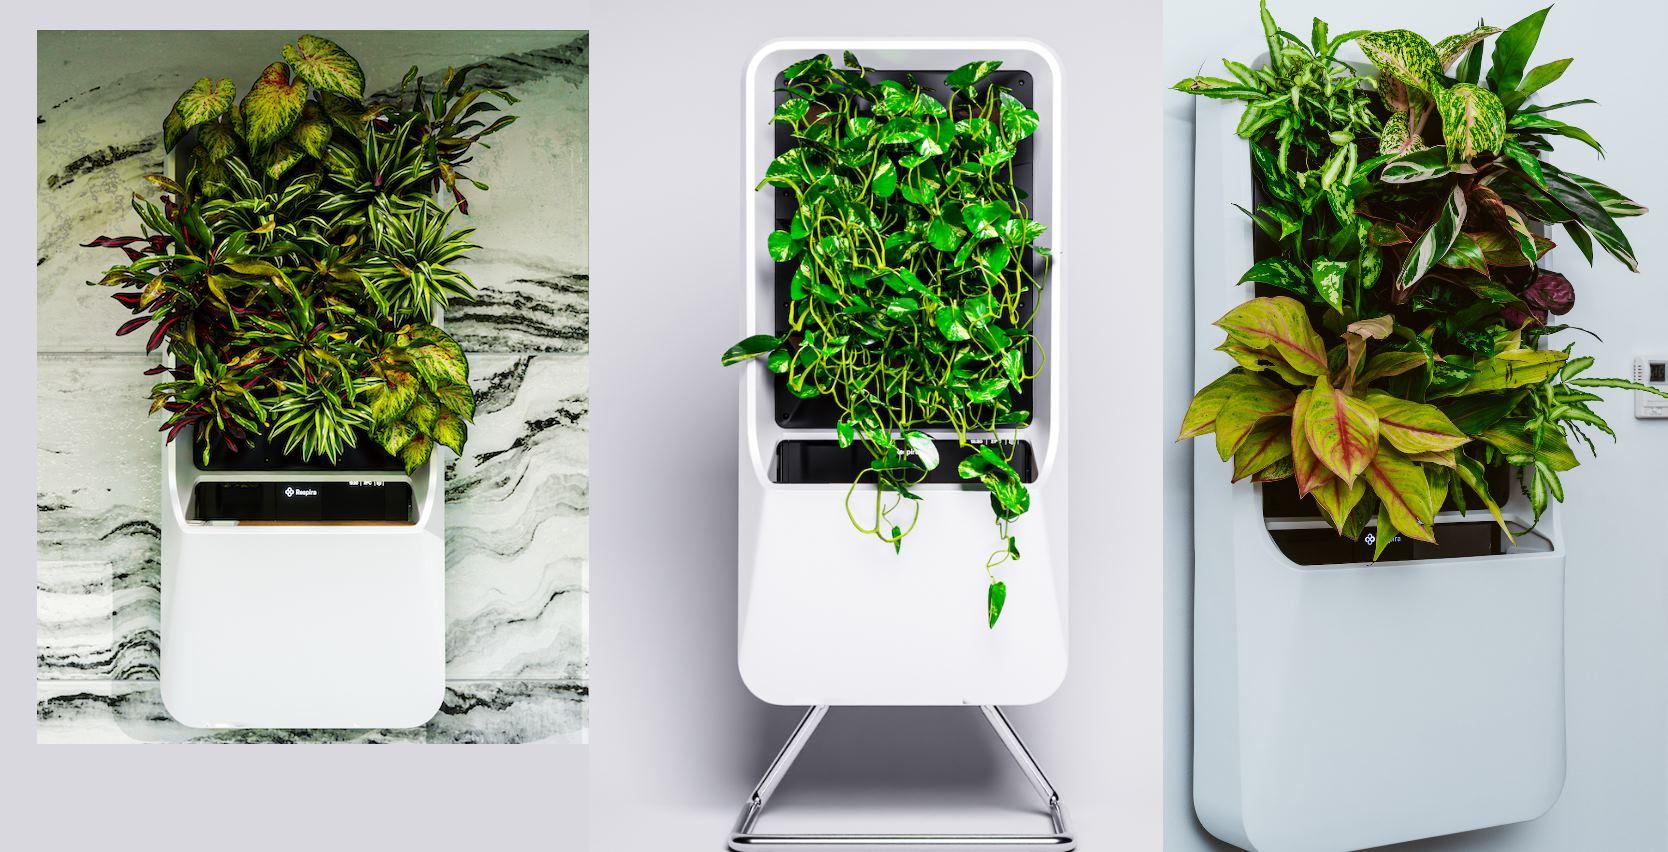 Respira, una maceta que permite tener plantas sin tierra y gestionadas desde el móvil.